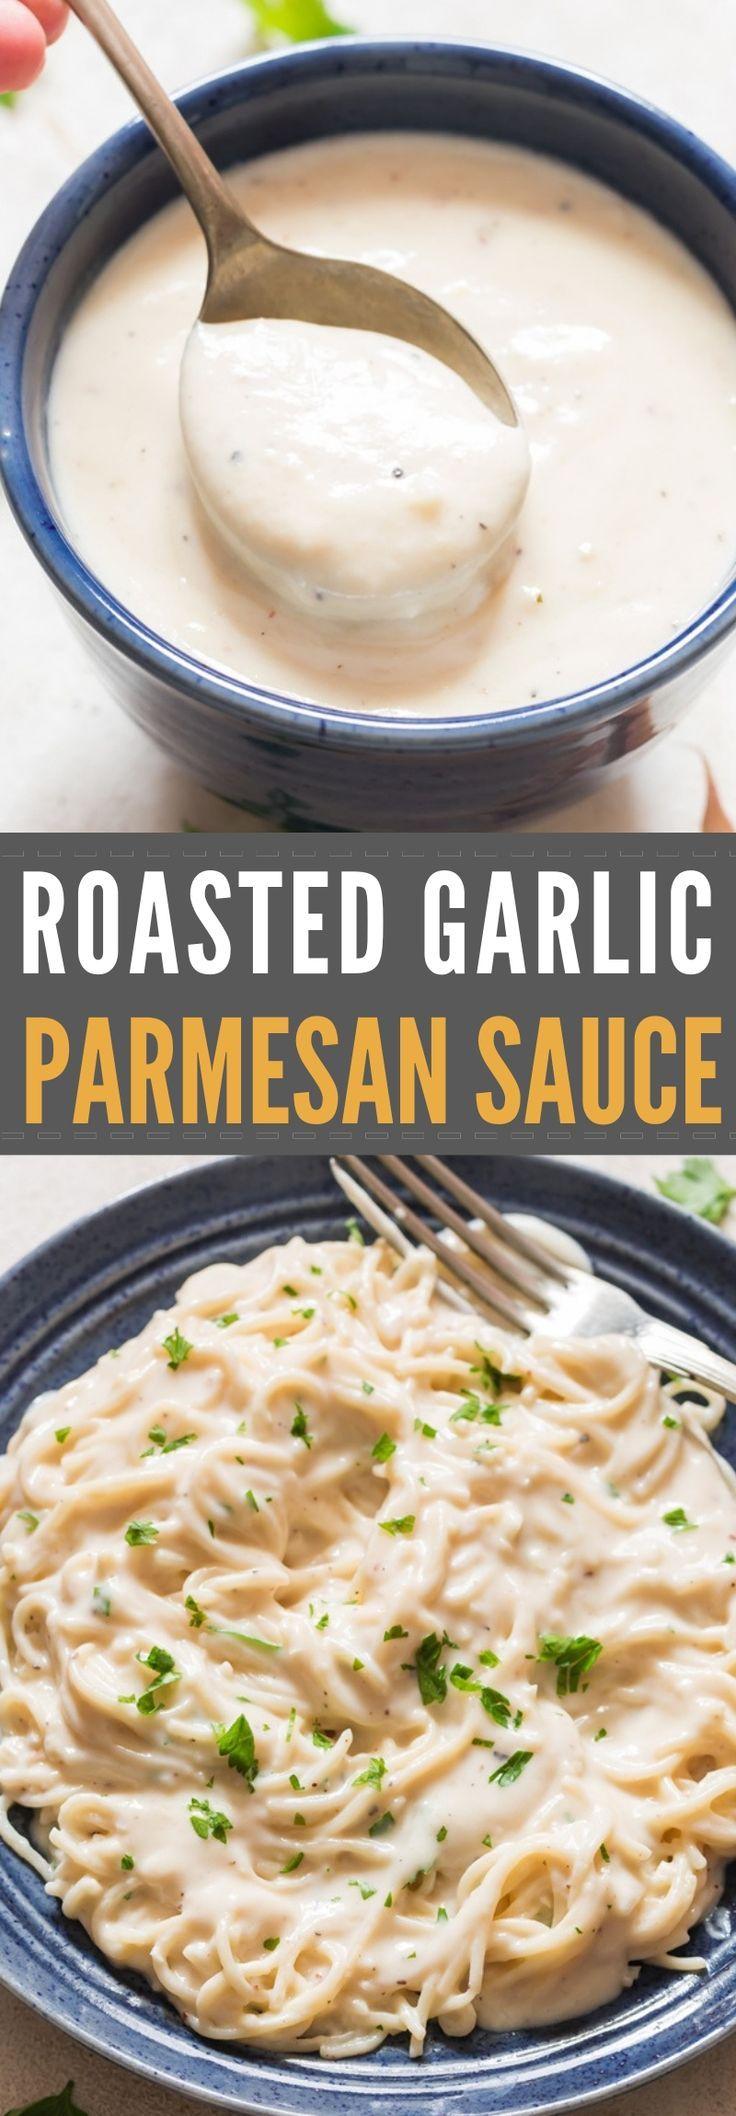 Roasted Garlic Parmesan Sauce